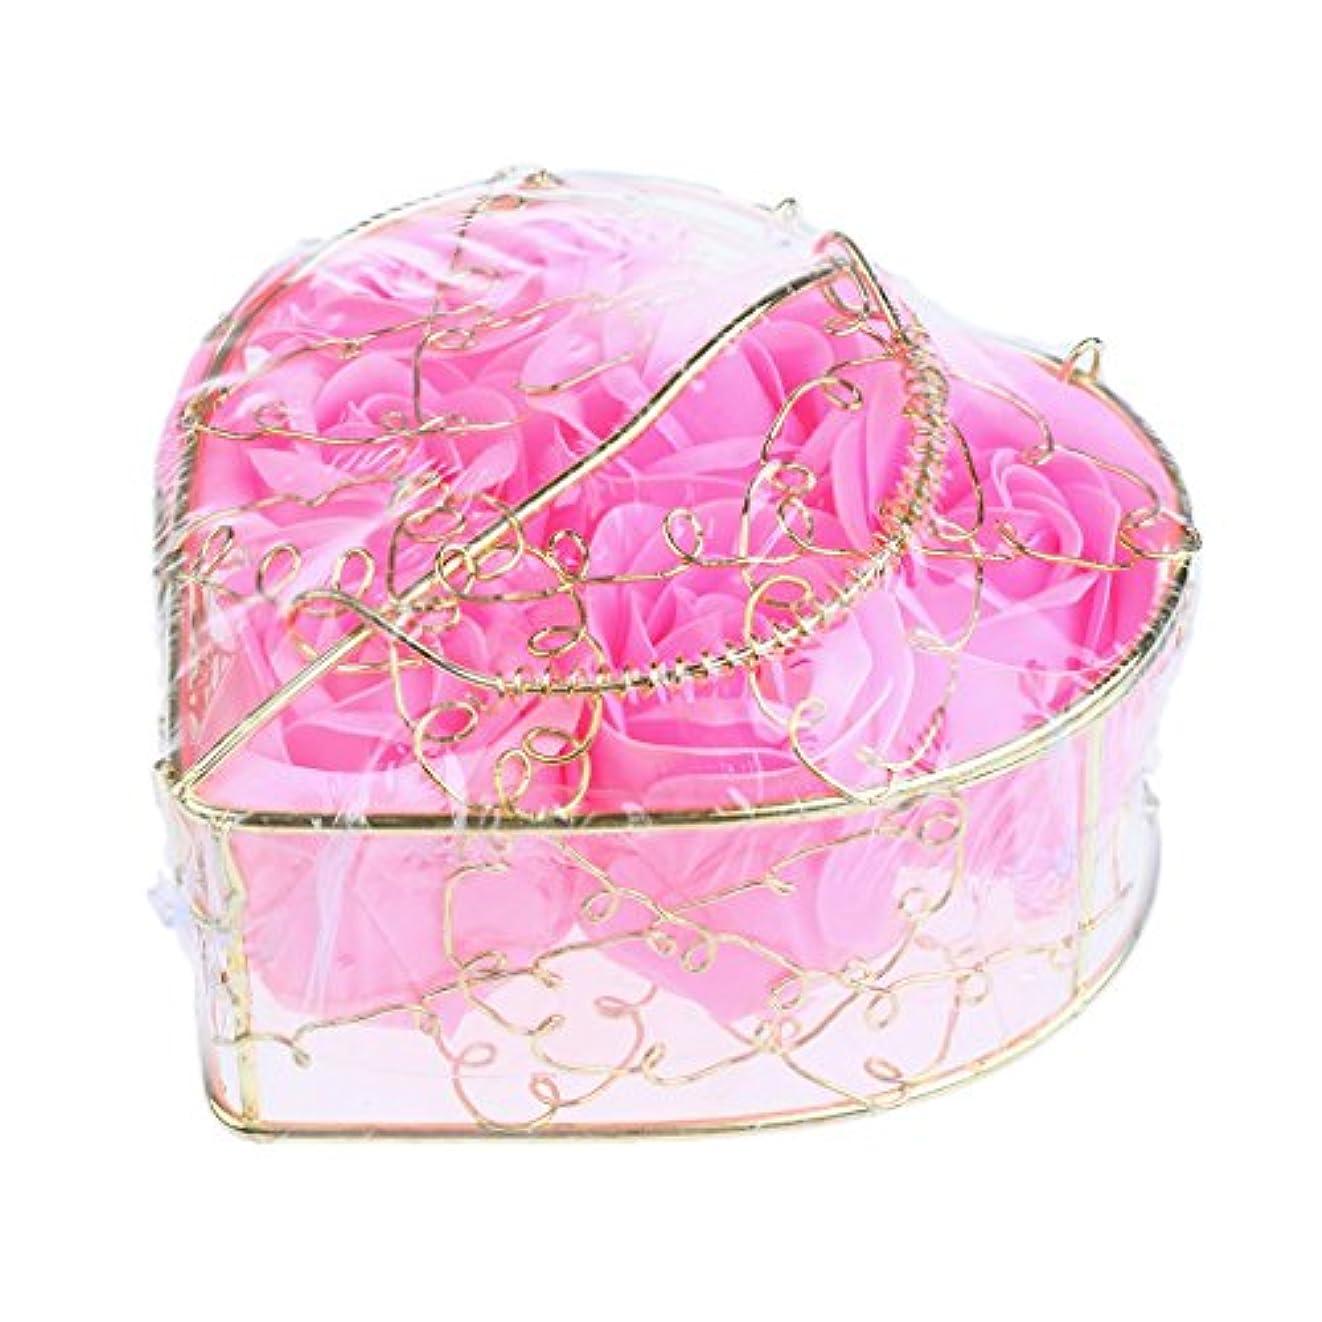 流行解凍する、雪解け、霜解け緩やかなPerfk 6個 石鹸の花 石鹸花  造花 フラワー バラ ソープフラワー  シャボンフラワー  フラワーボックス プレゼント 全5タイプ選べる - ピンク